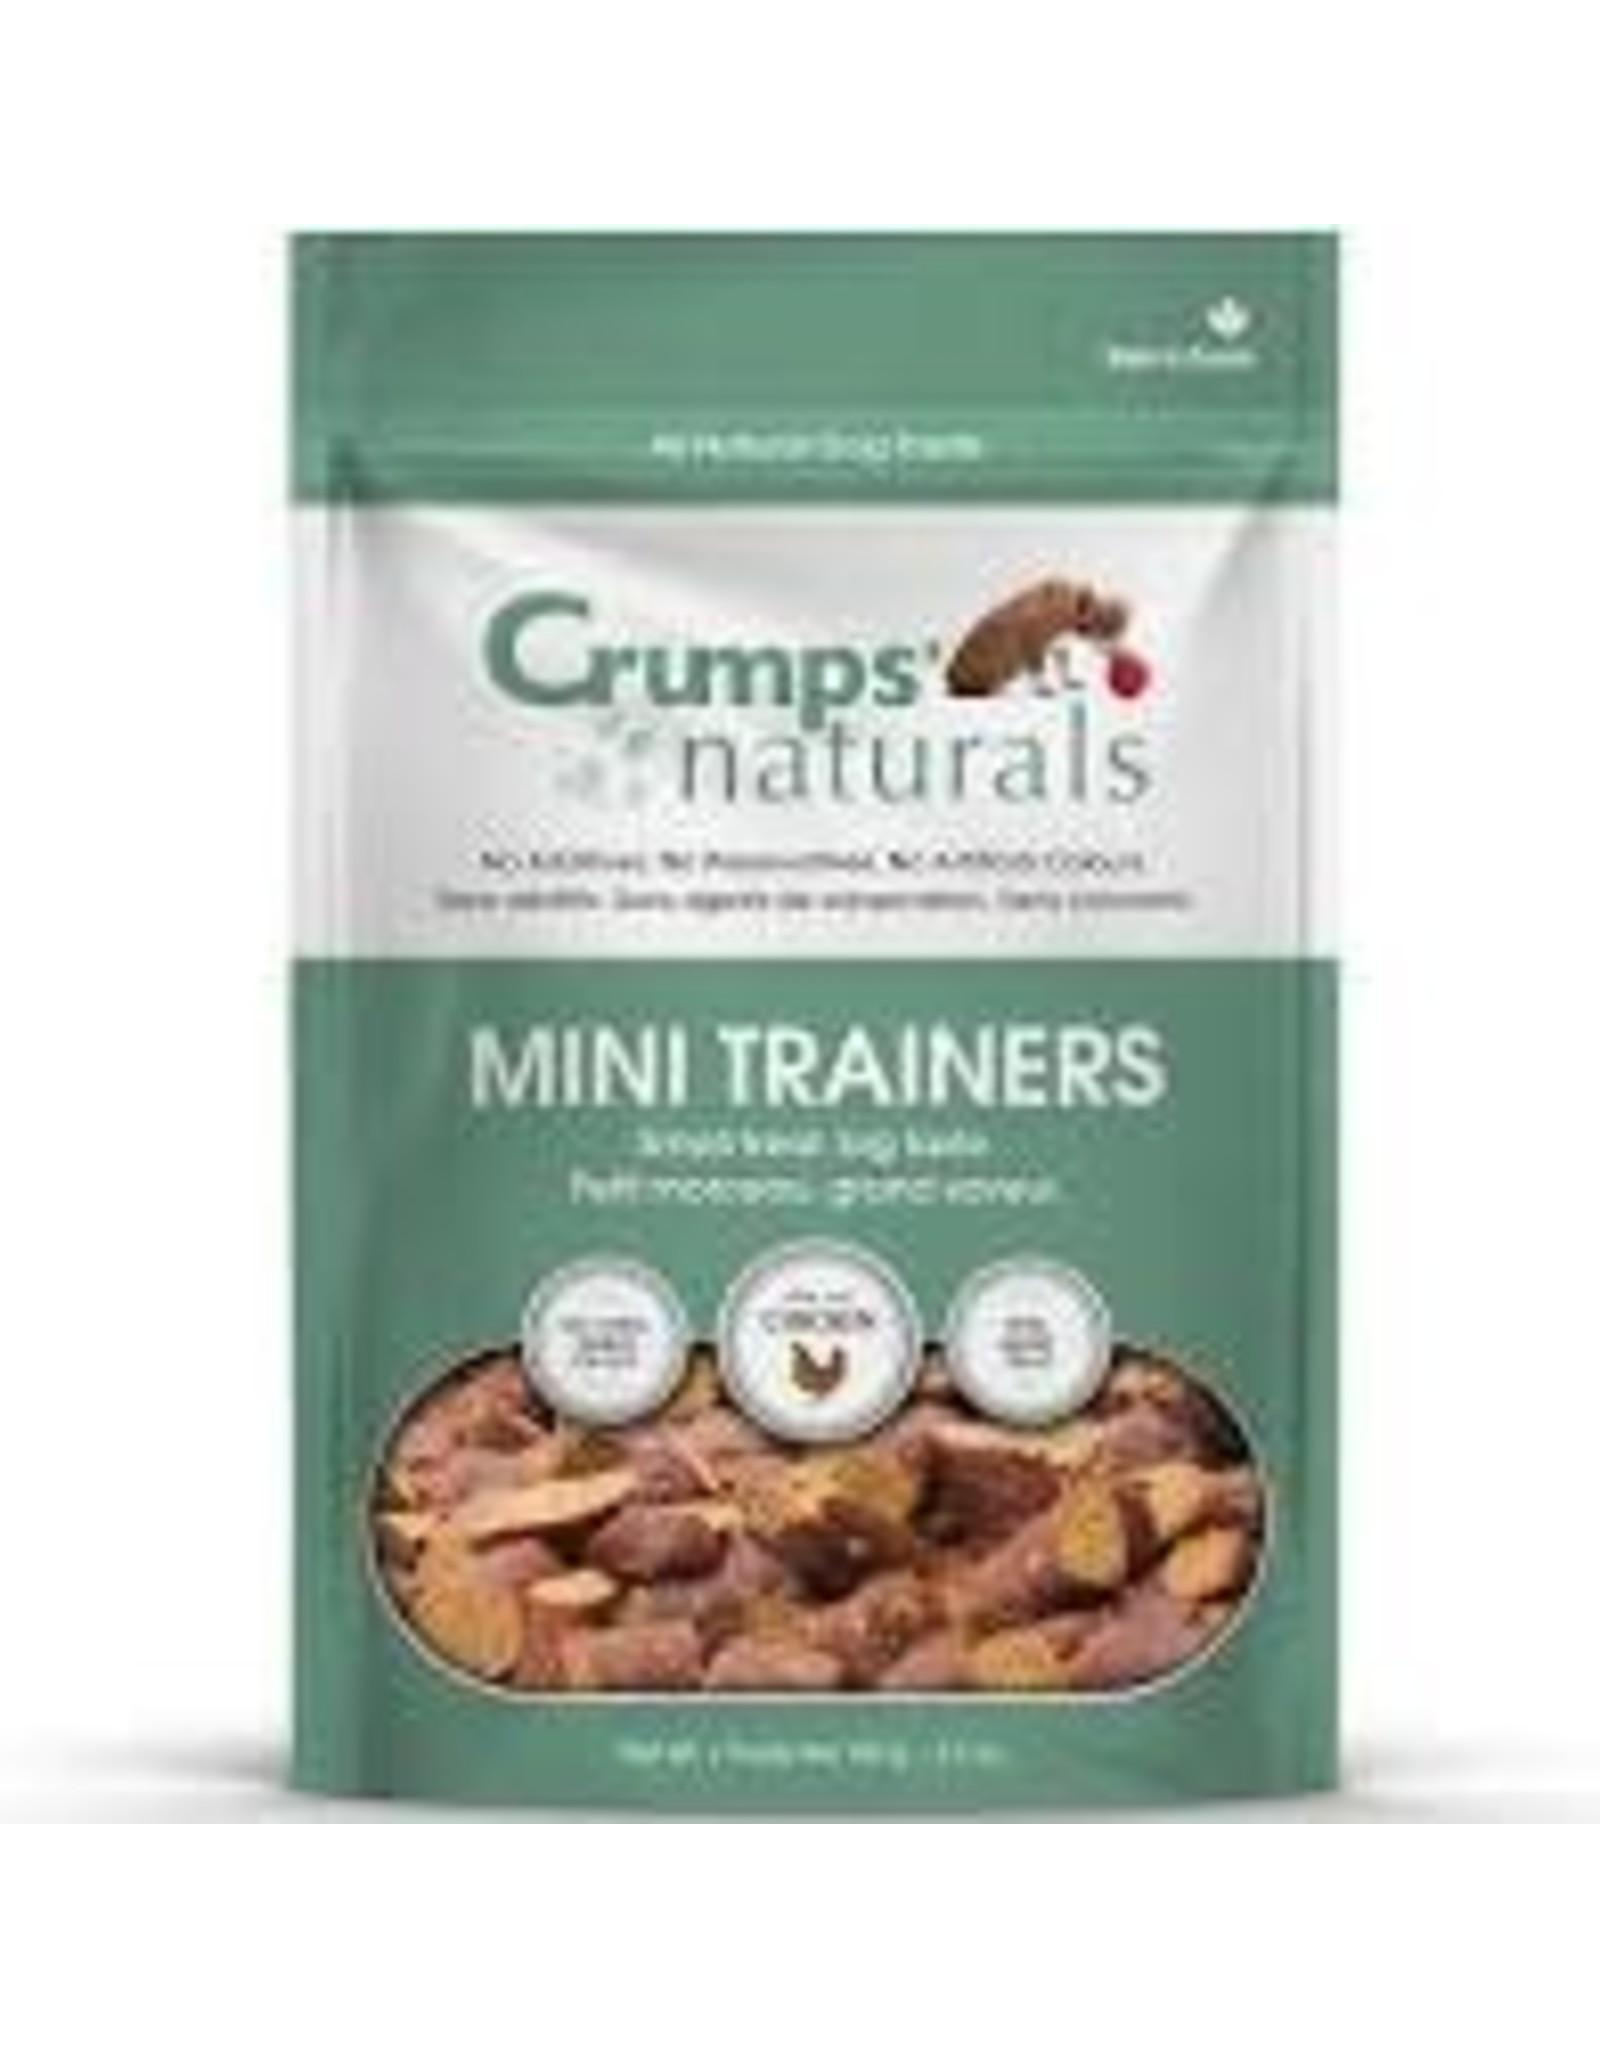 Crumps Naturals Crumps Naturals Mini Trainers 4.2oz